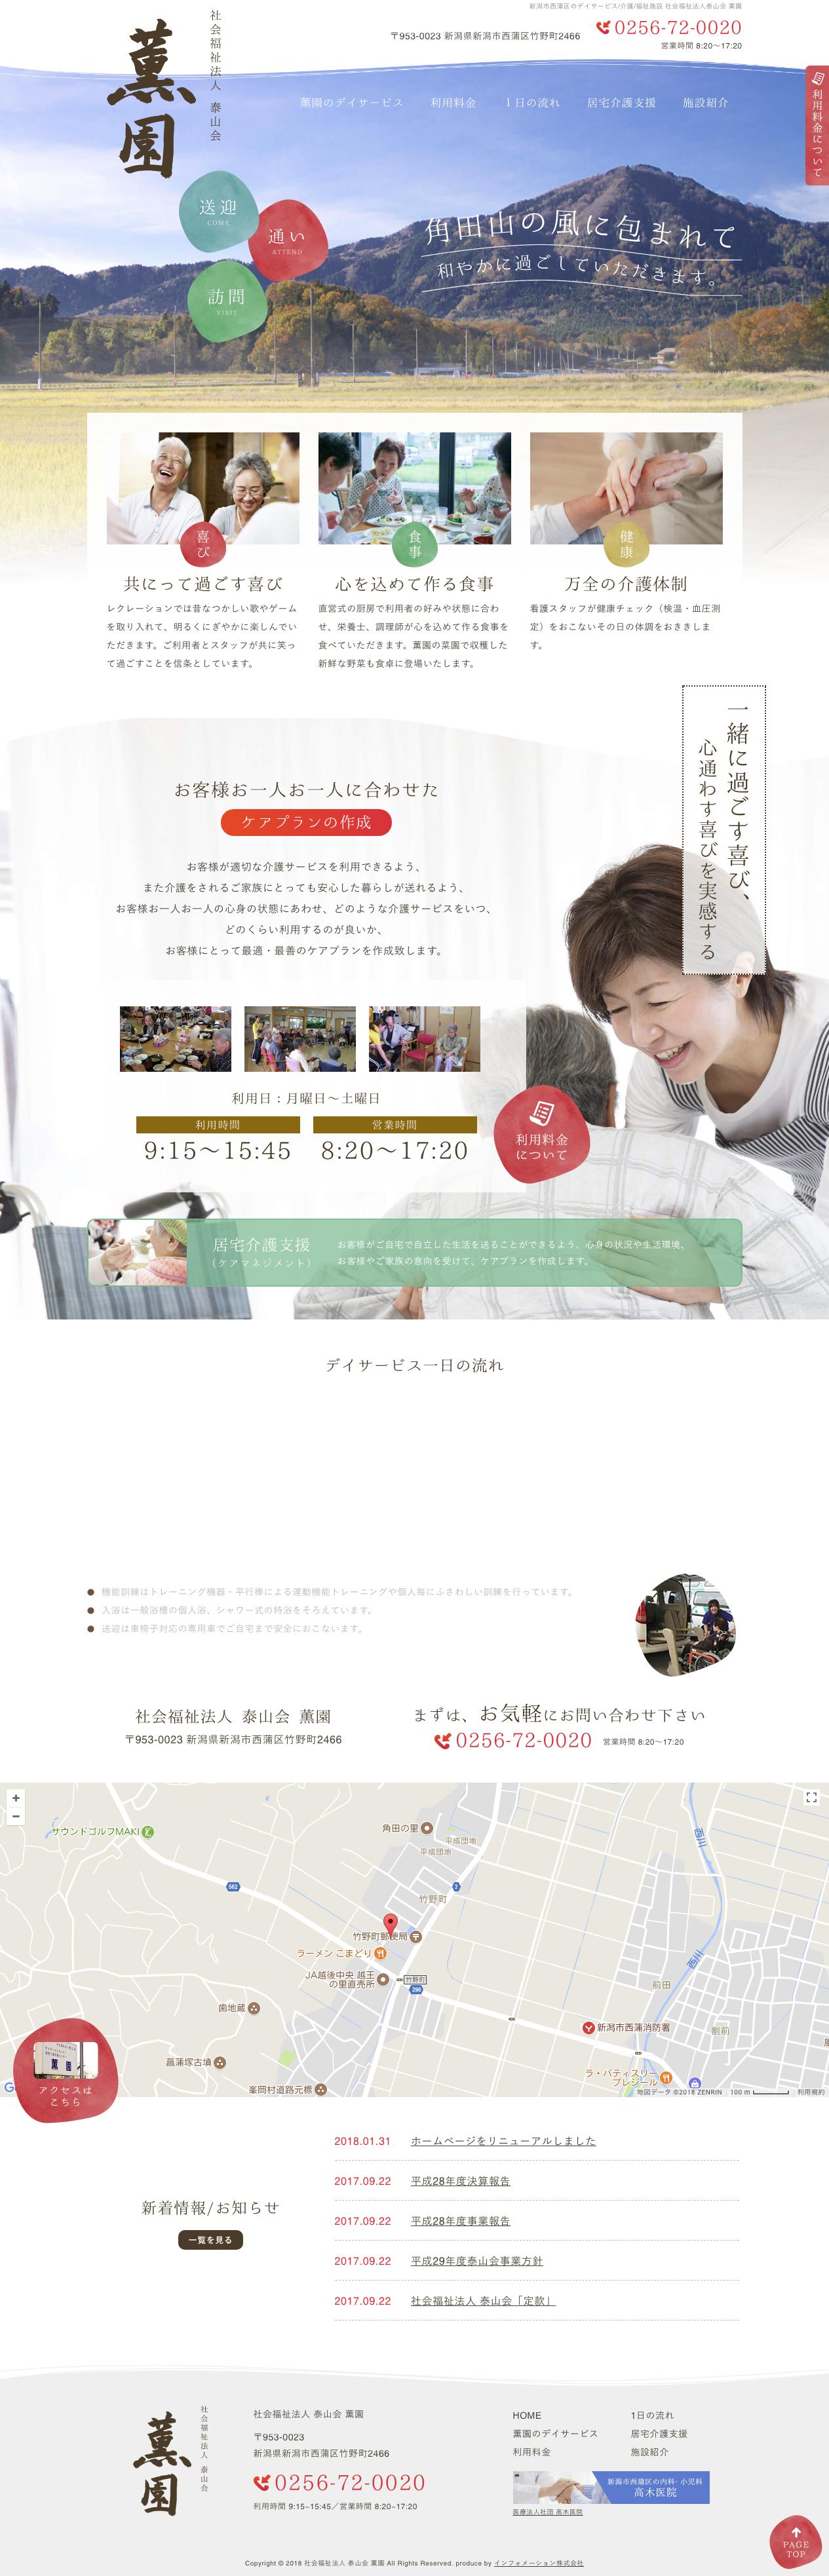 ホームページ制作実績:社会福祉法人泰山会 薫園 様